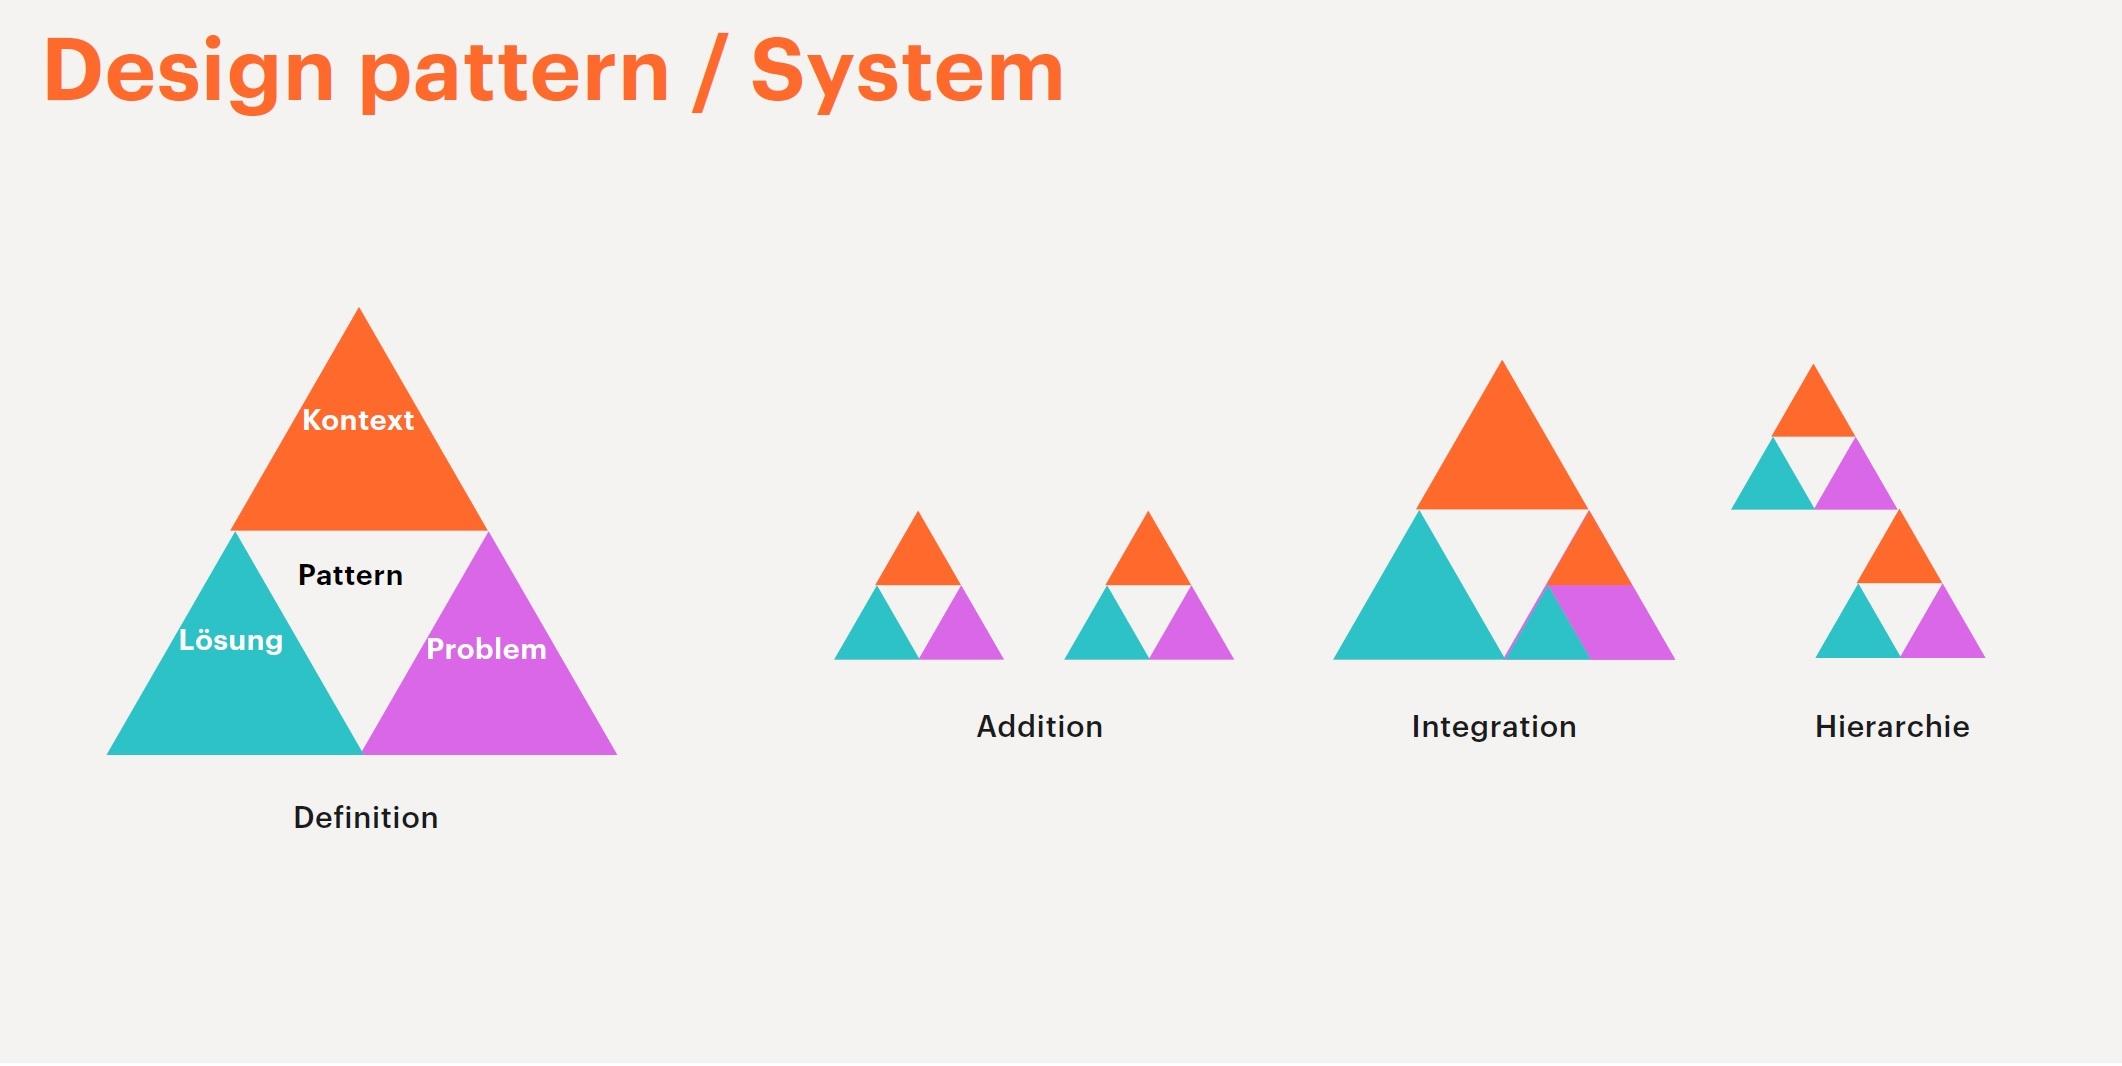 Systematische Zusammenhänge zwischen Design Pattern und Designsystem als graphische Darstellung.